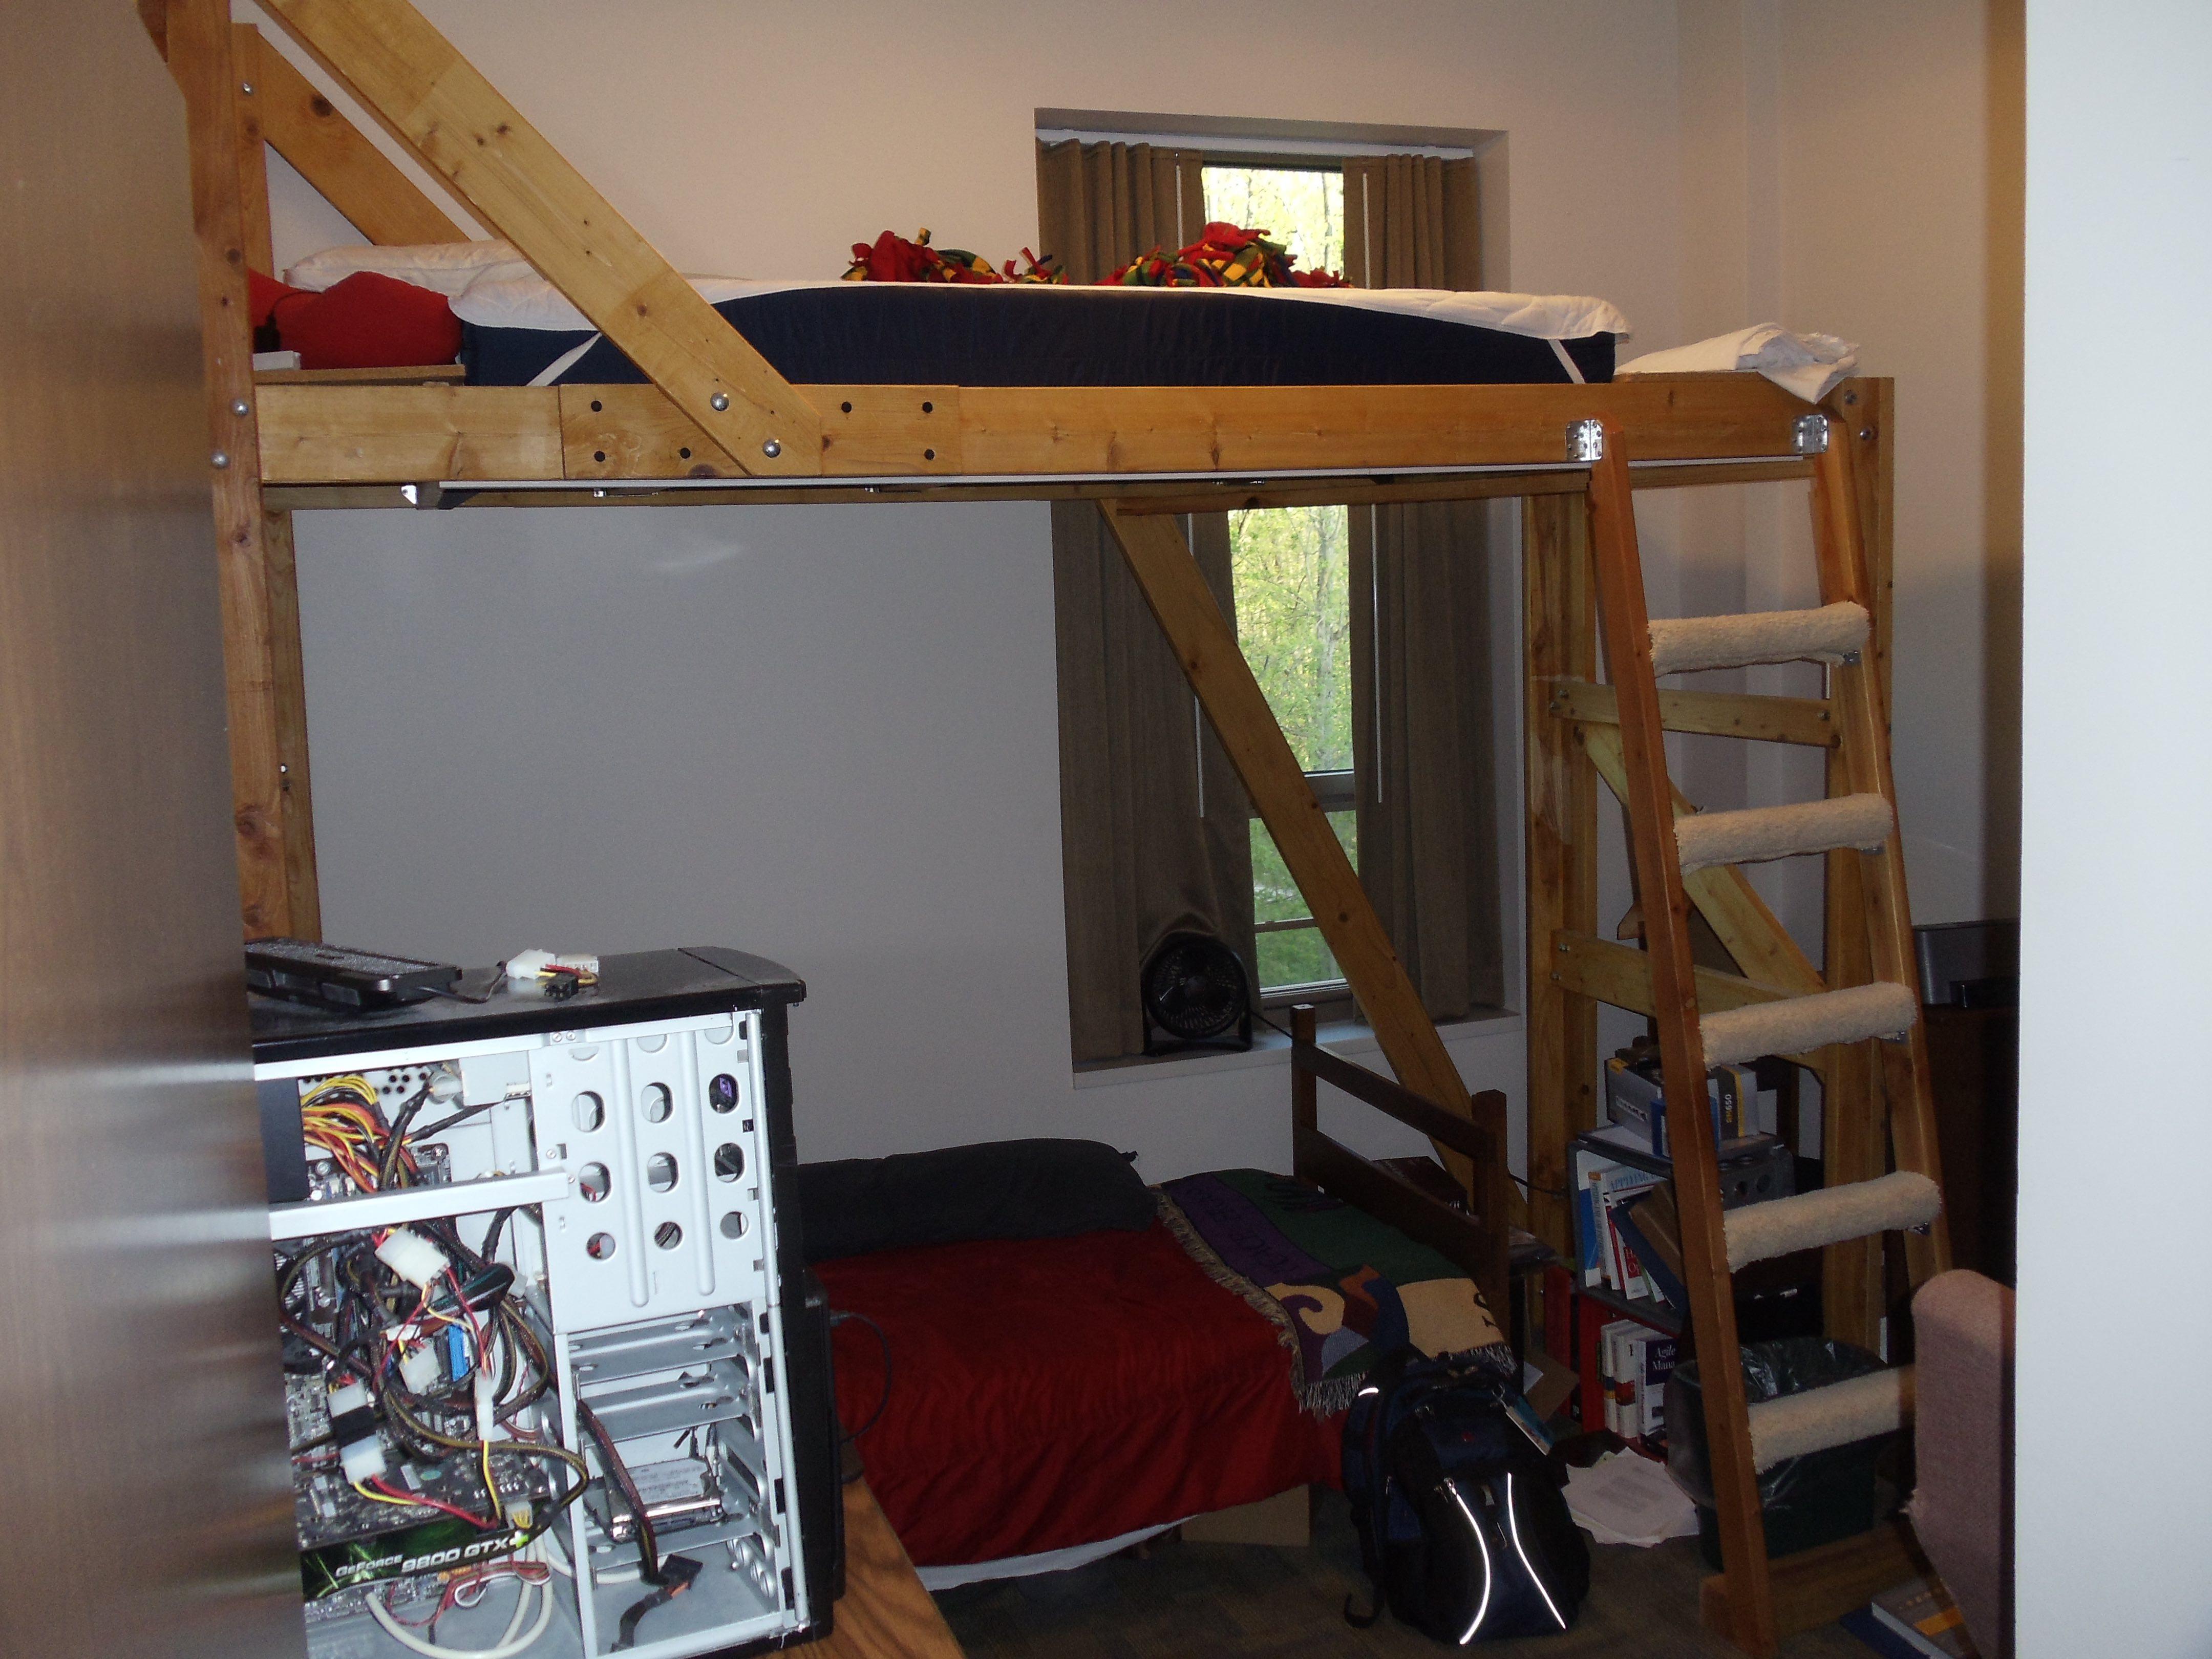 RHIT loft